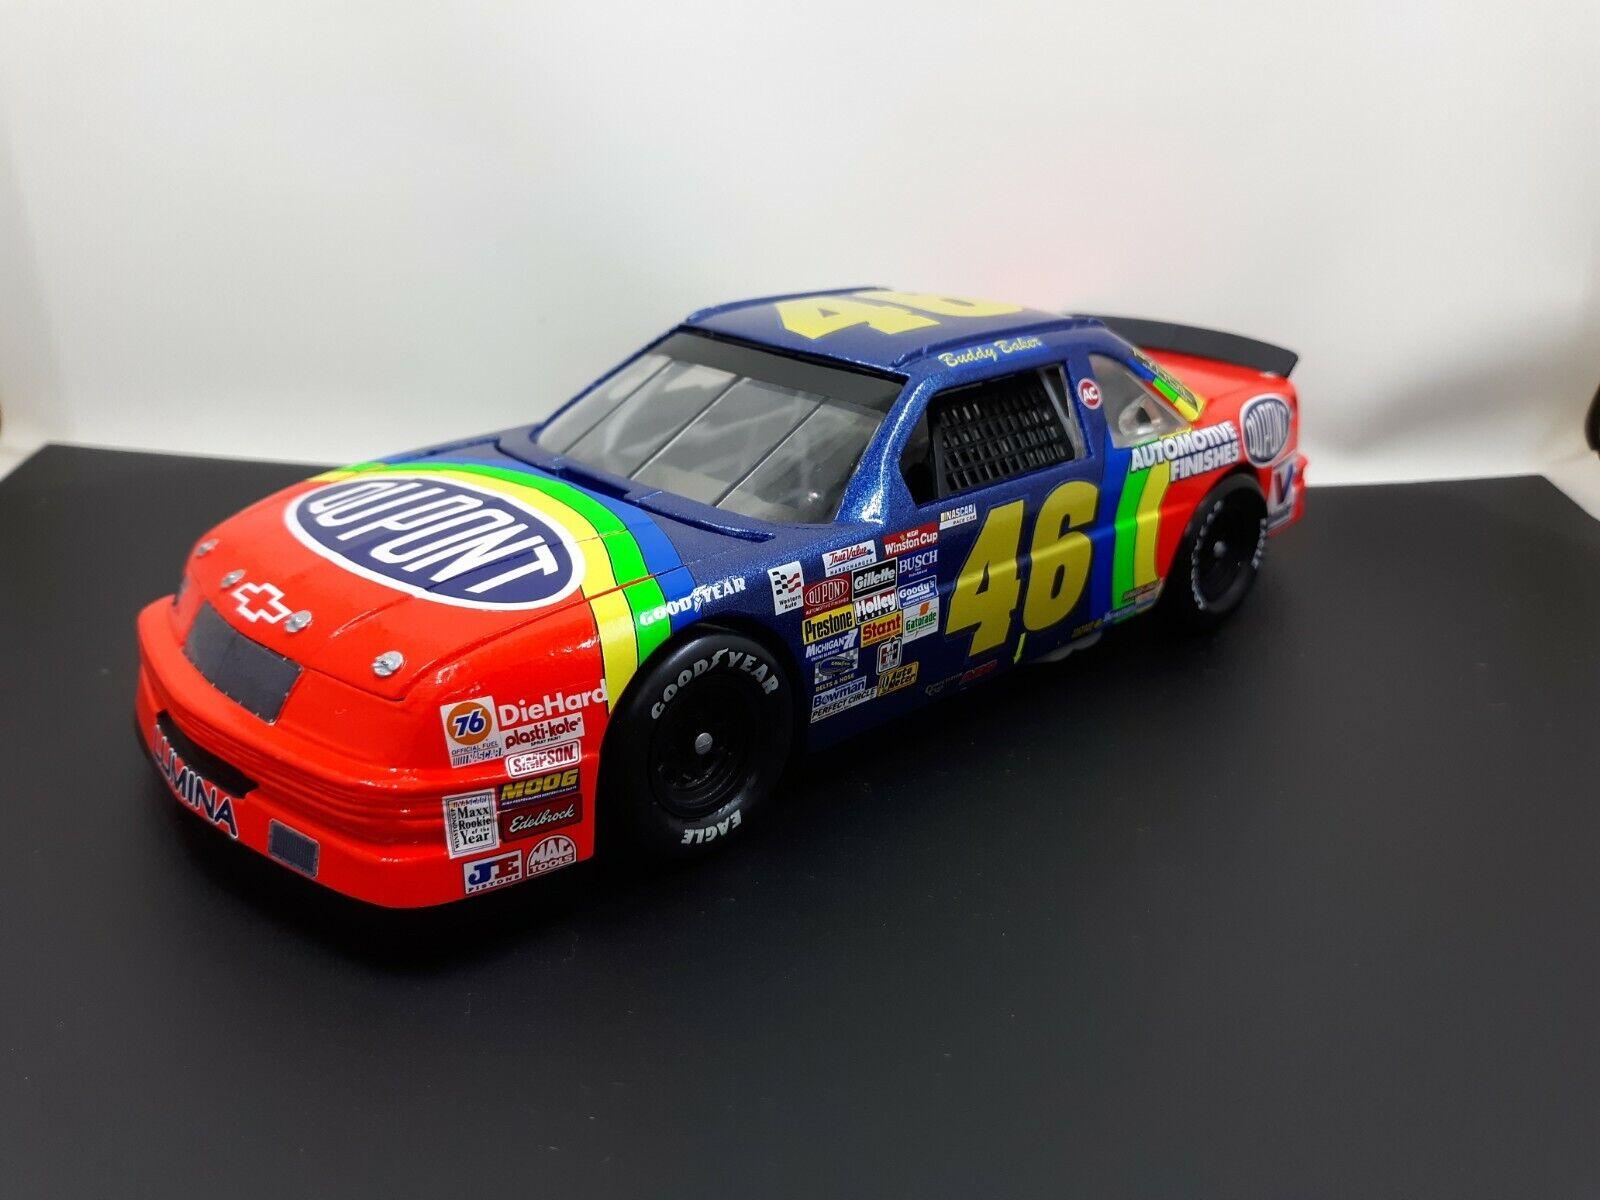 Raro 1993 Buddy Baker Dupont Copa NASCAR 1 24 Revell Diecast Personalizada Chevy dnq